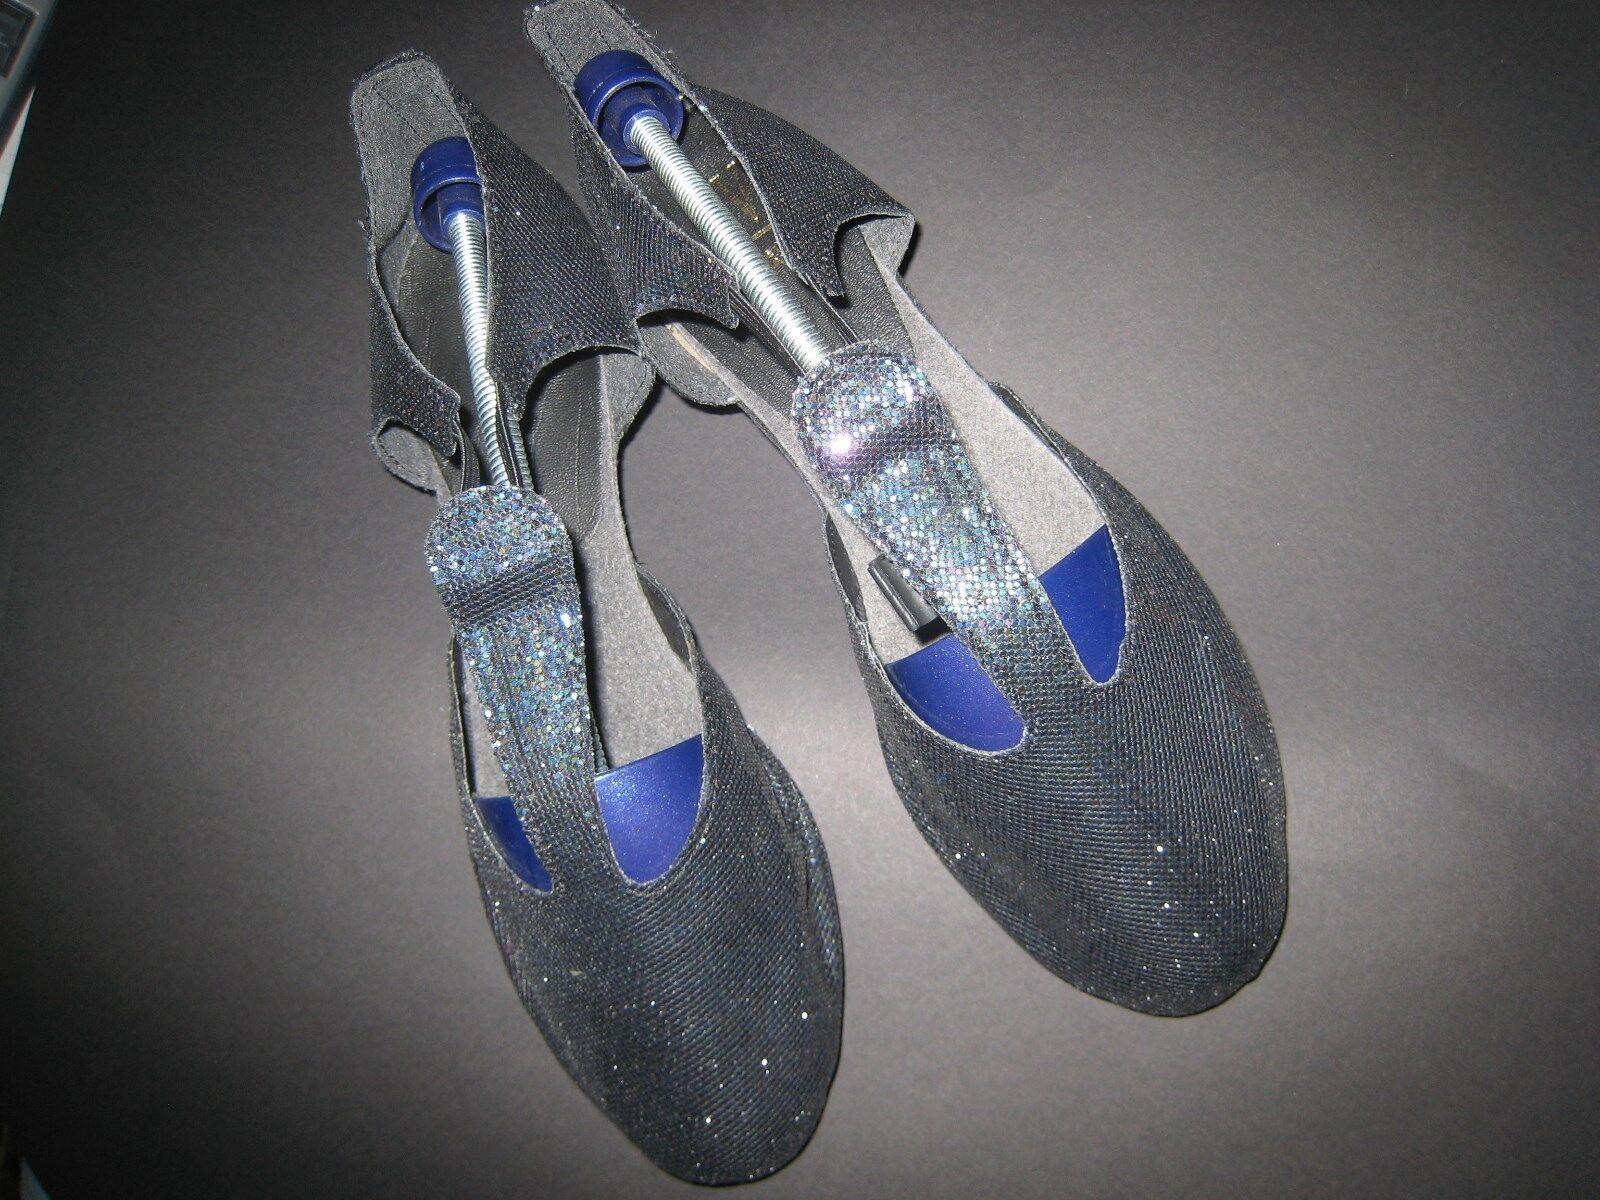 NEUE Tanzschuhe - griechische Sandalen, Roch Valley, Gr. 41, Hologrammstoff